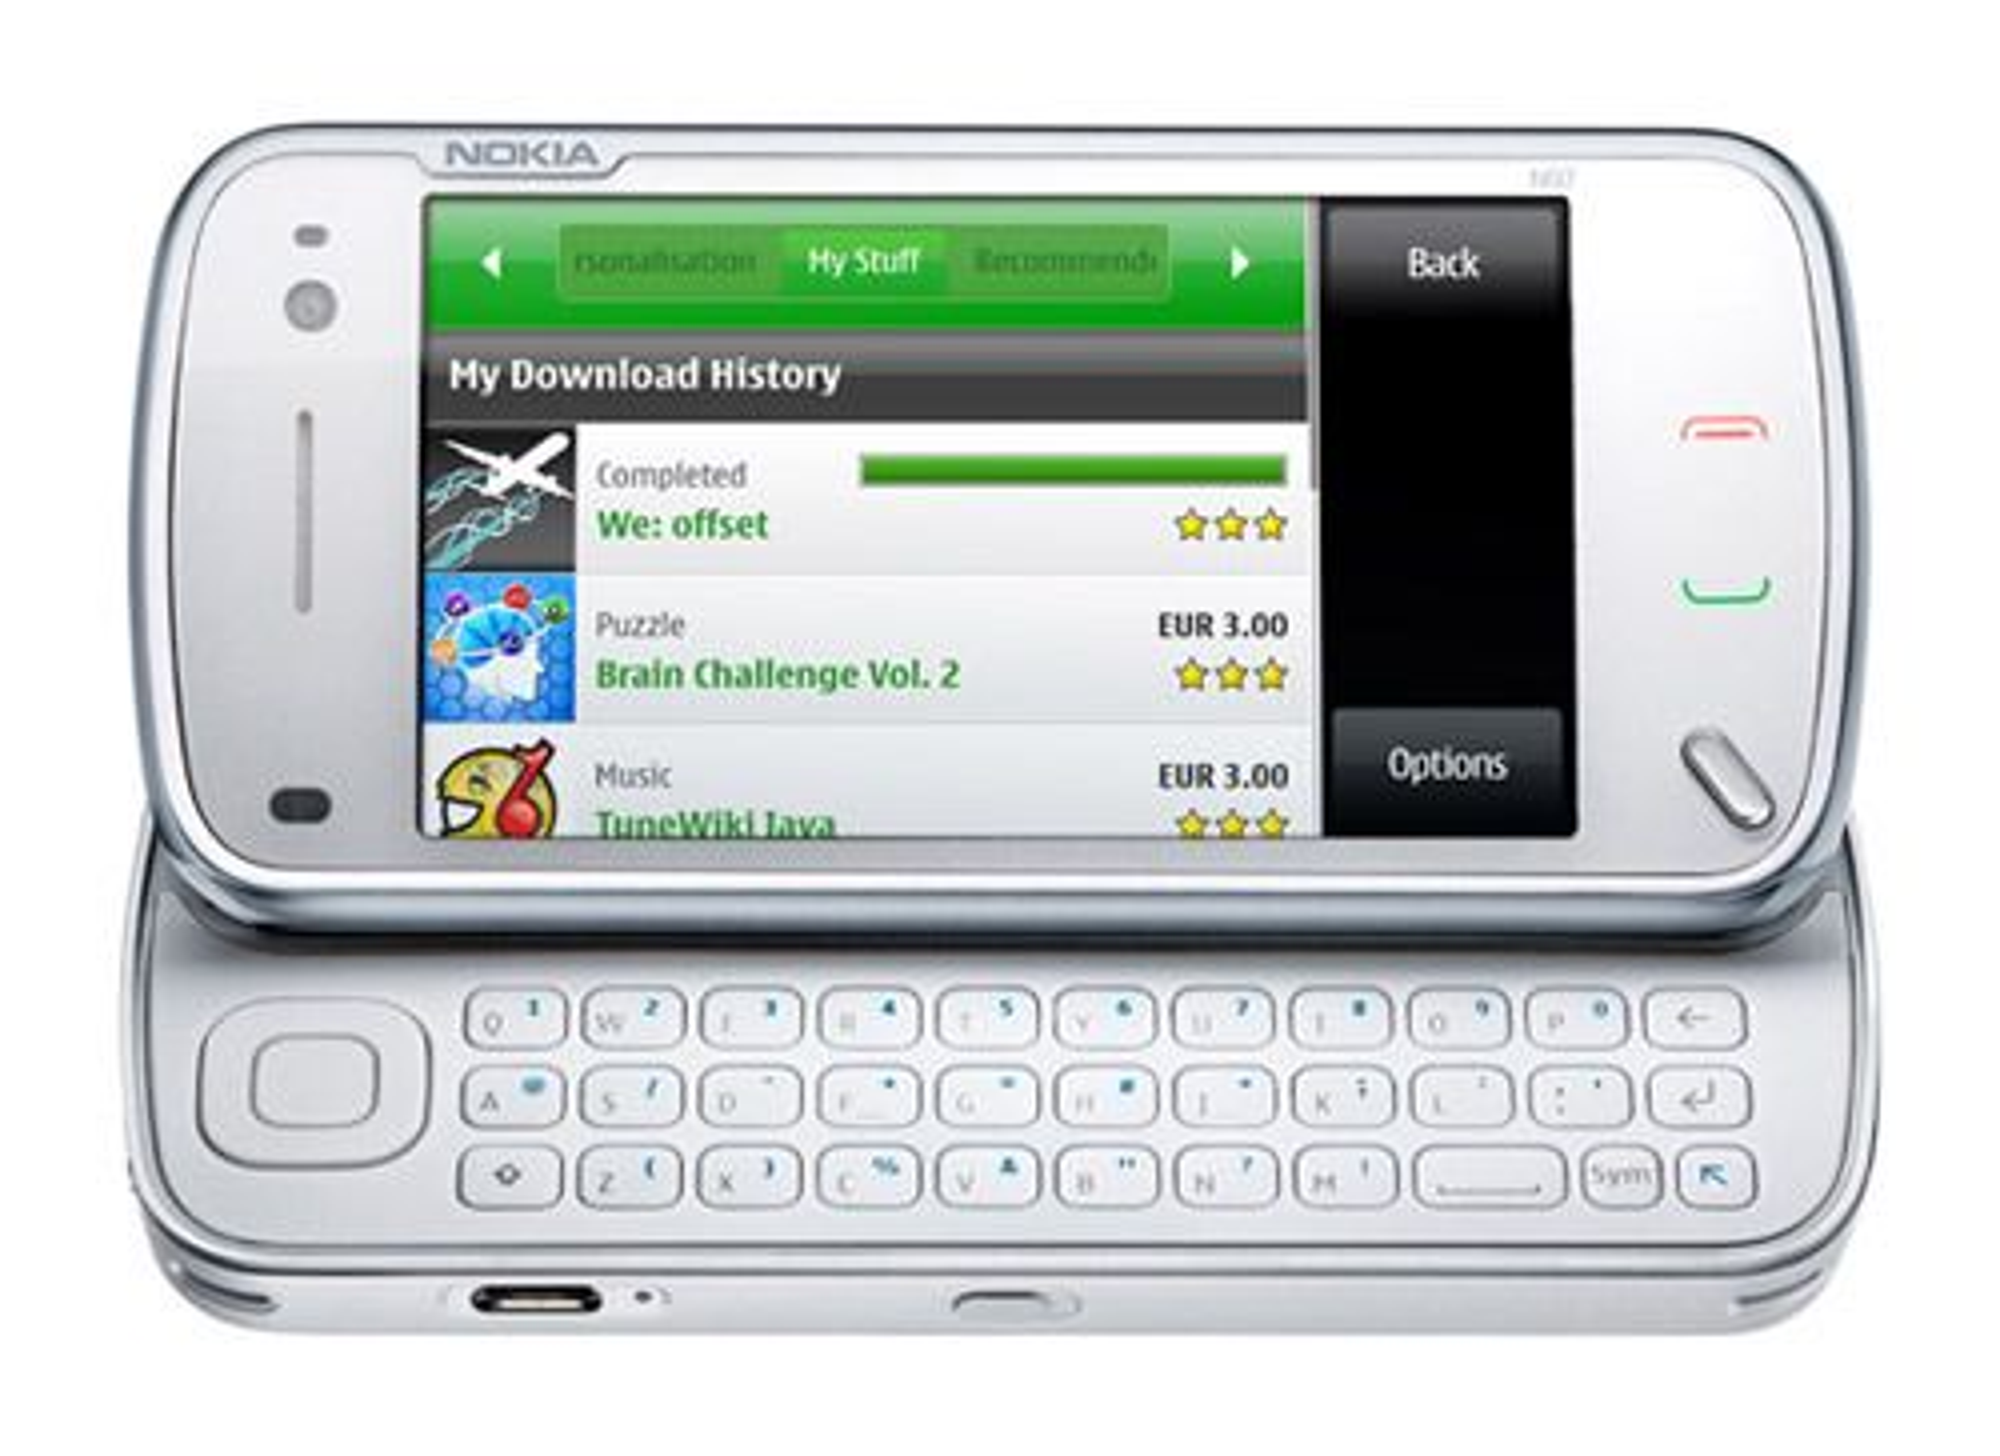 Ovi Store på en Nokia N97